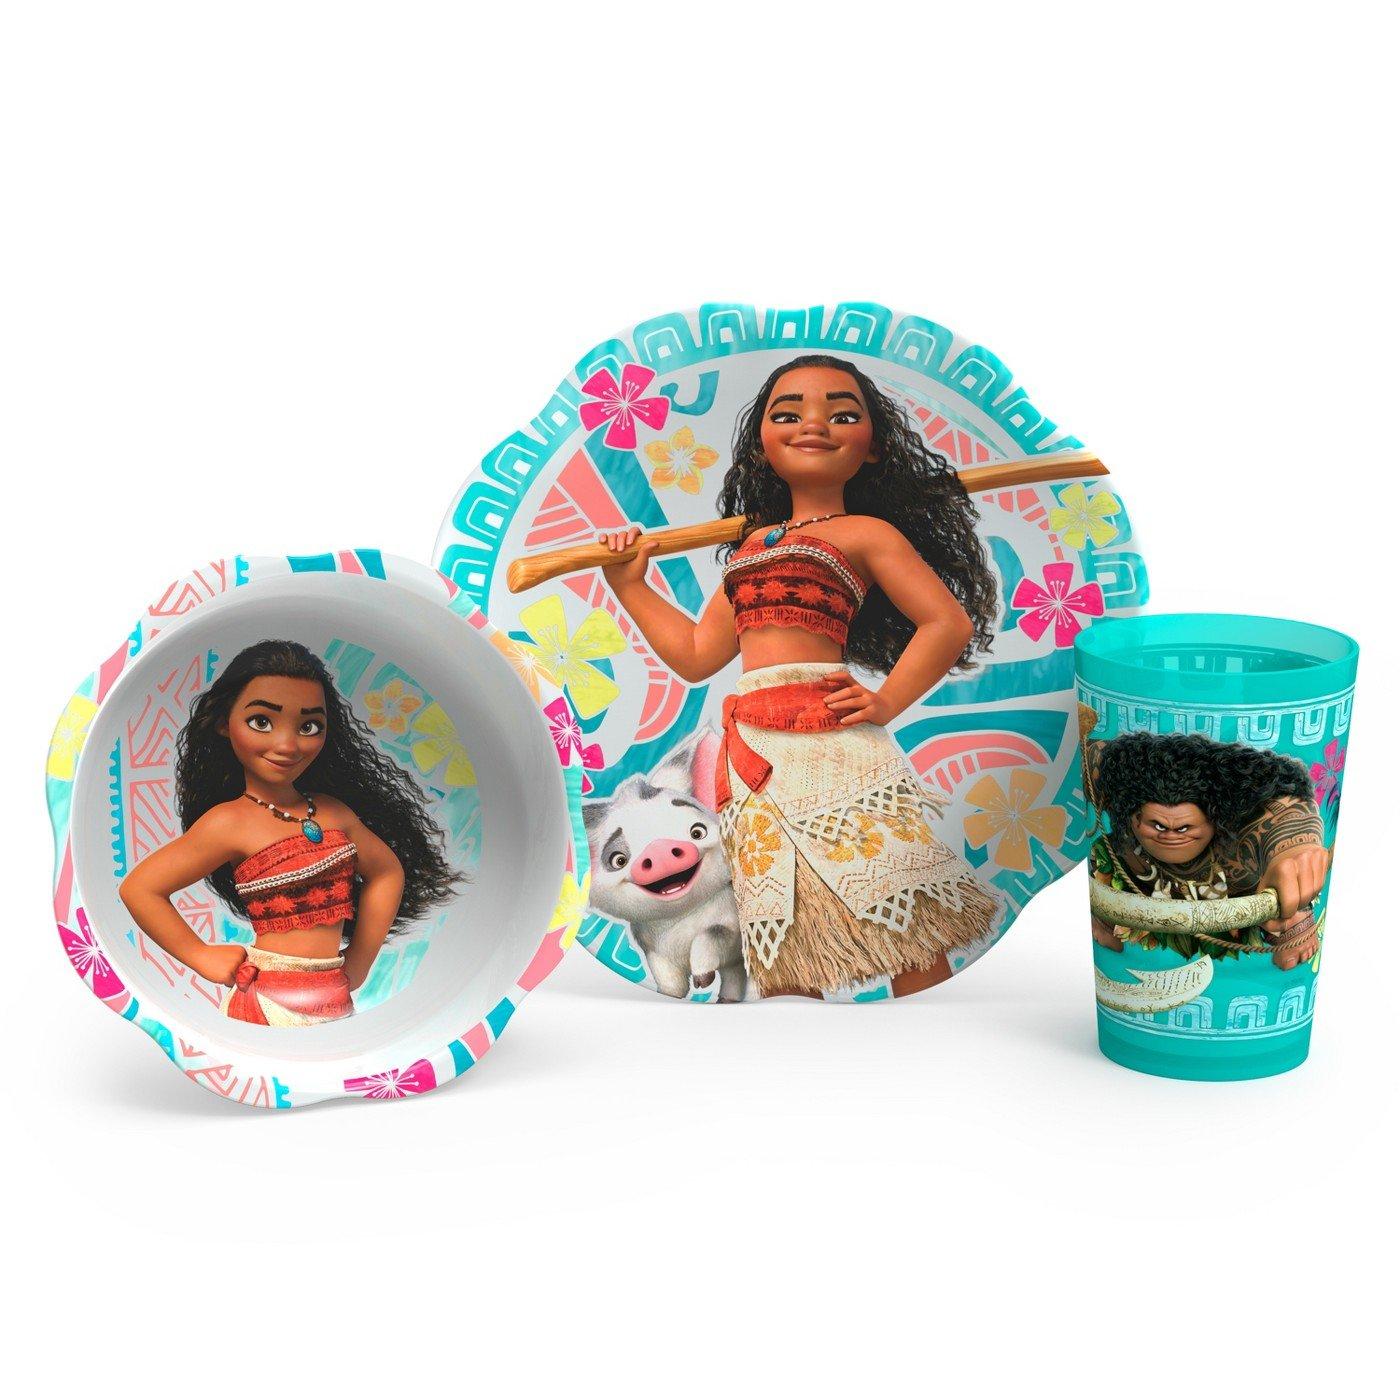 フジオカシ Moana Zak Designs 3点セット Designs 子供 幼児 ドリームワークス 幼児 食器セット 食器セット キット B07J2S5C53, 飽海郡:45383ff3 --- a0267596.xsph.ru